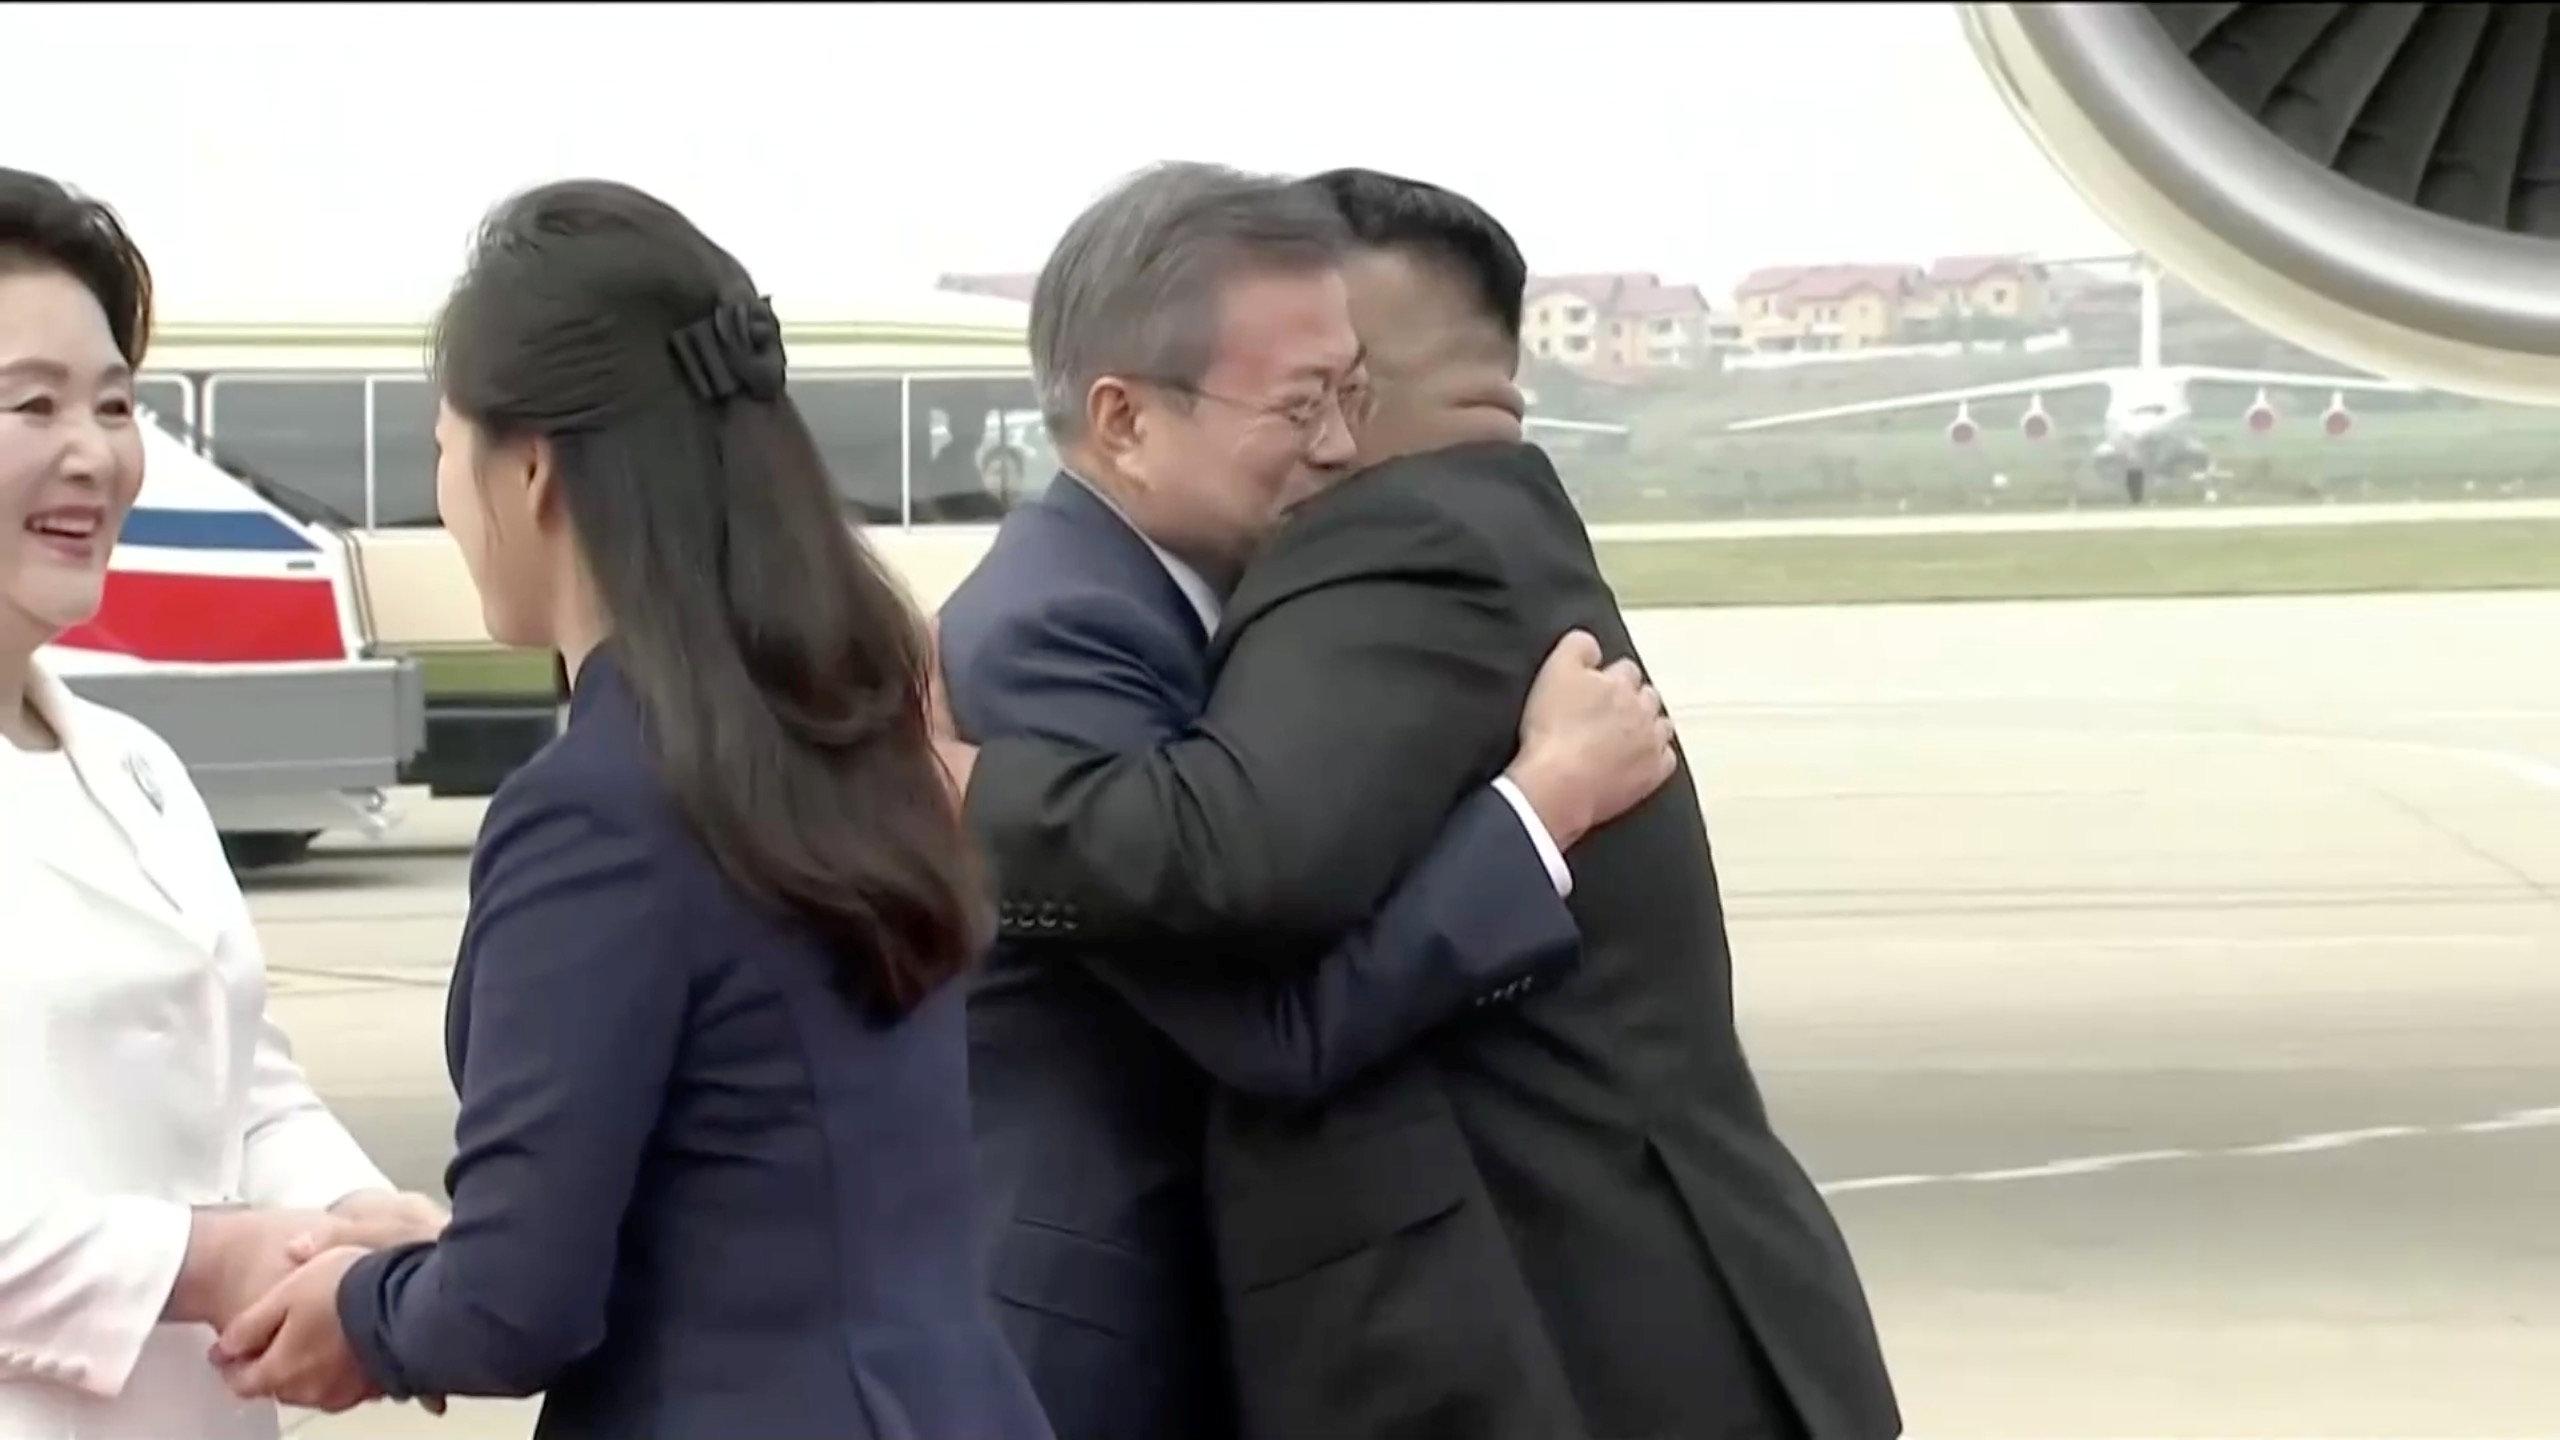 Los dos dirigentes se abrazaron después de que Moon bajara del avión. Acompañados por sus esposas, bromearon durante unos minutos, mientras cientos de personas agitaban banderas norcoreanas y emblemas de la unificación